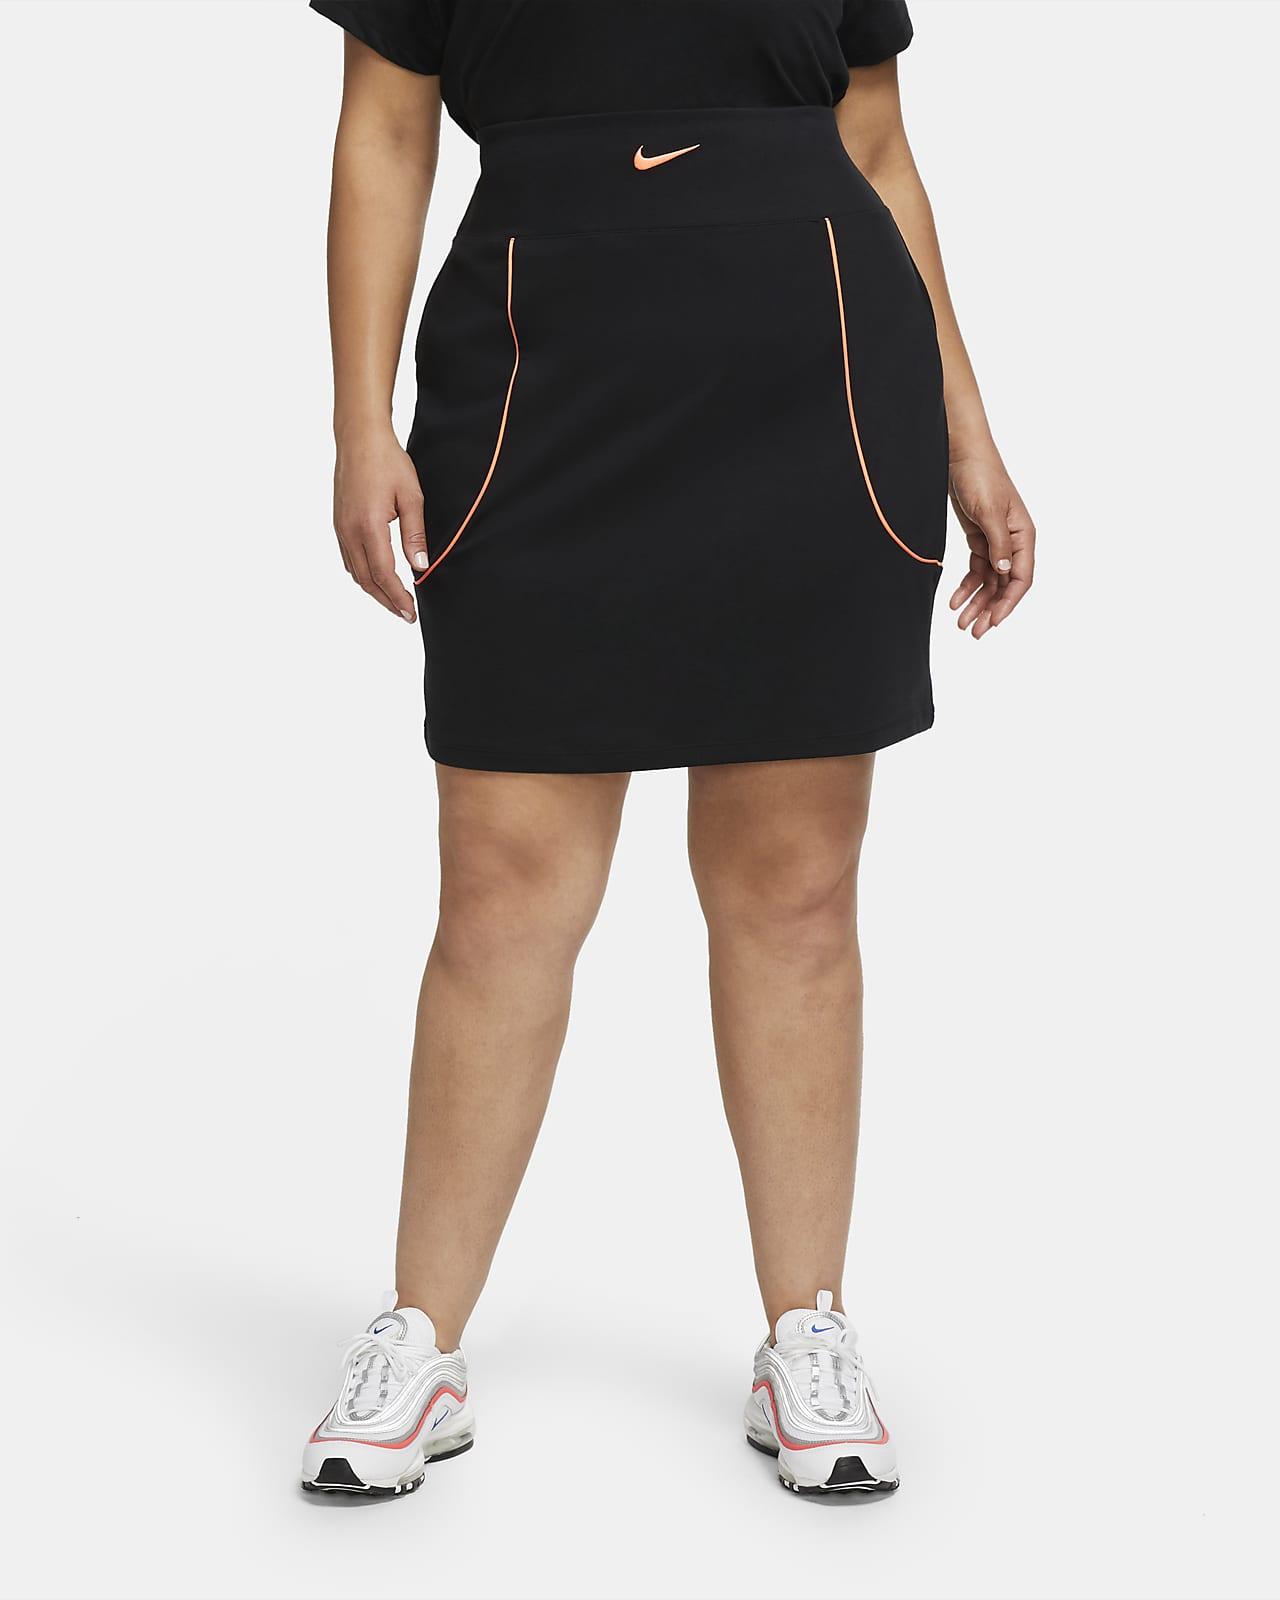 Nike Sportswear Women'e Body-Conforming